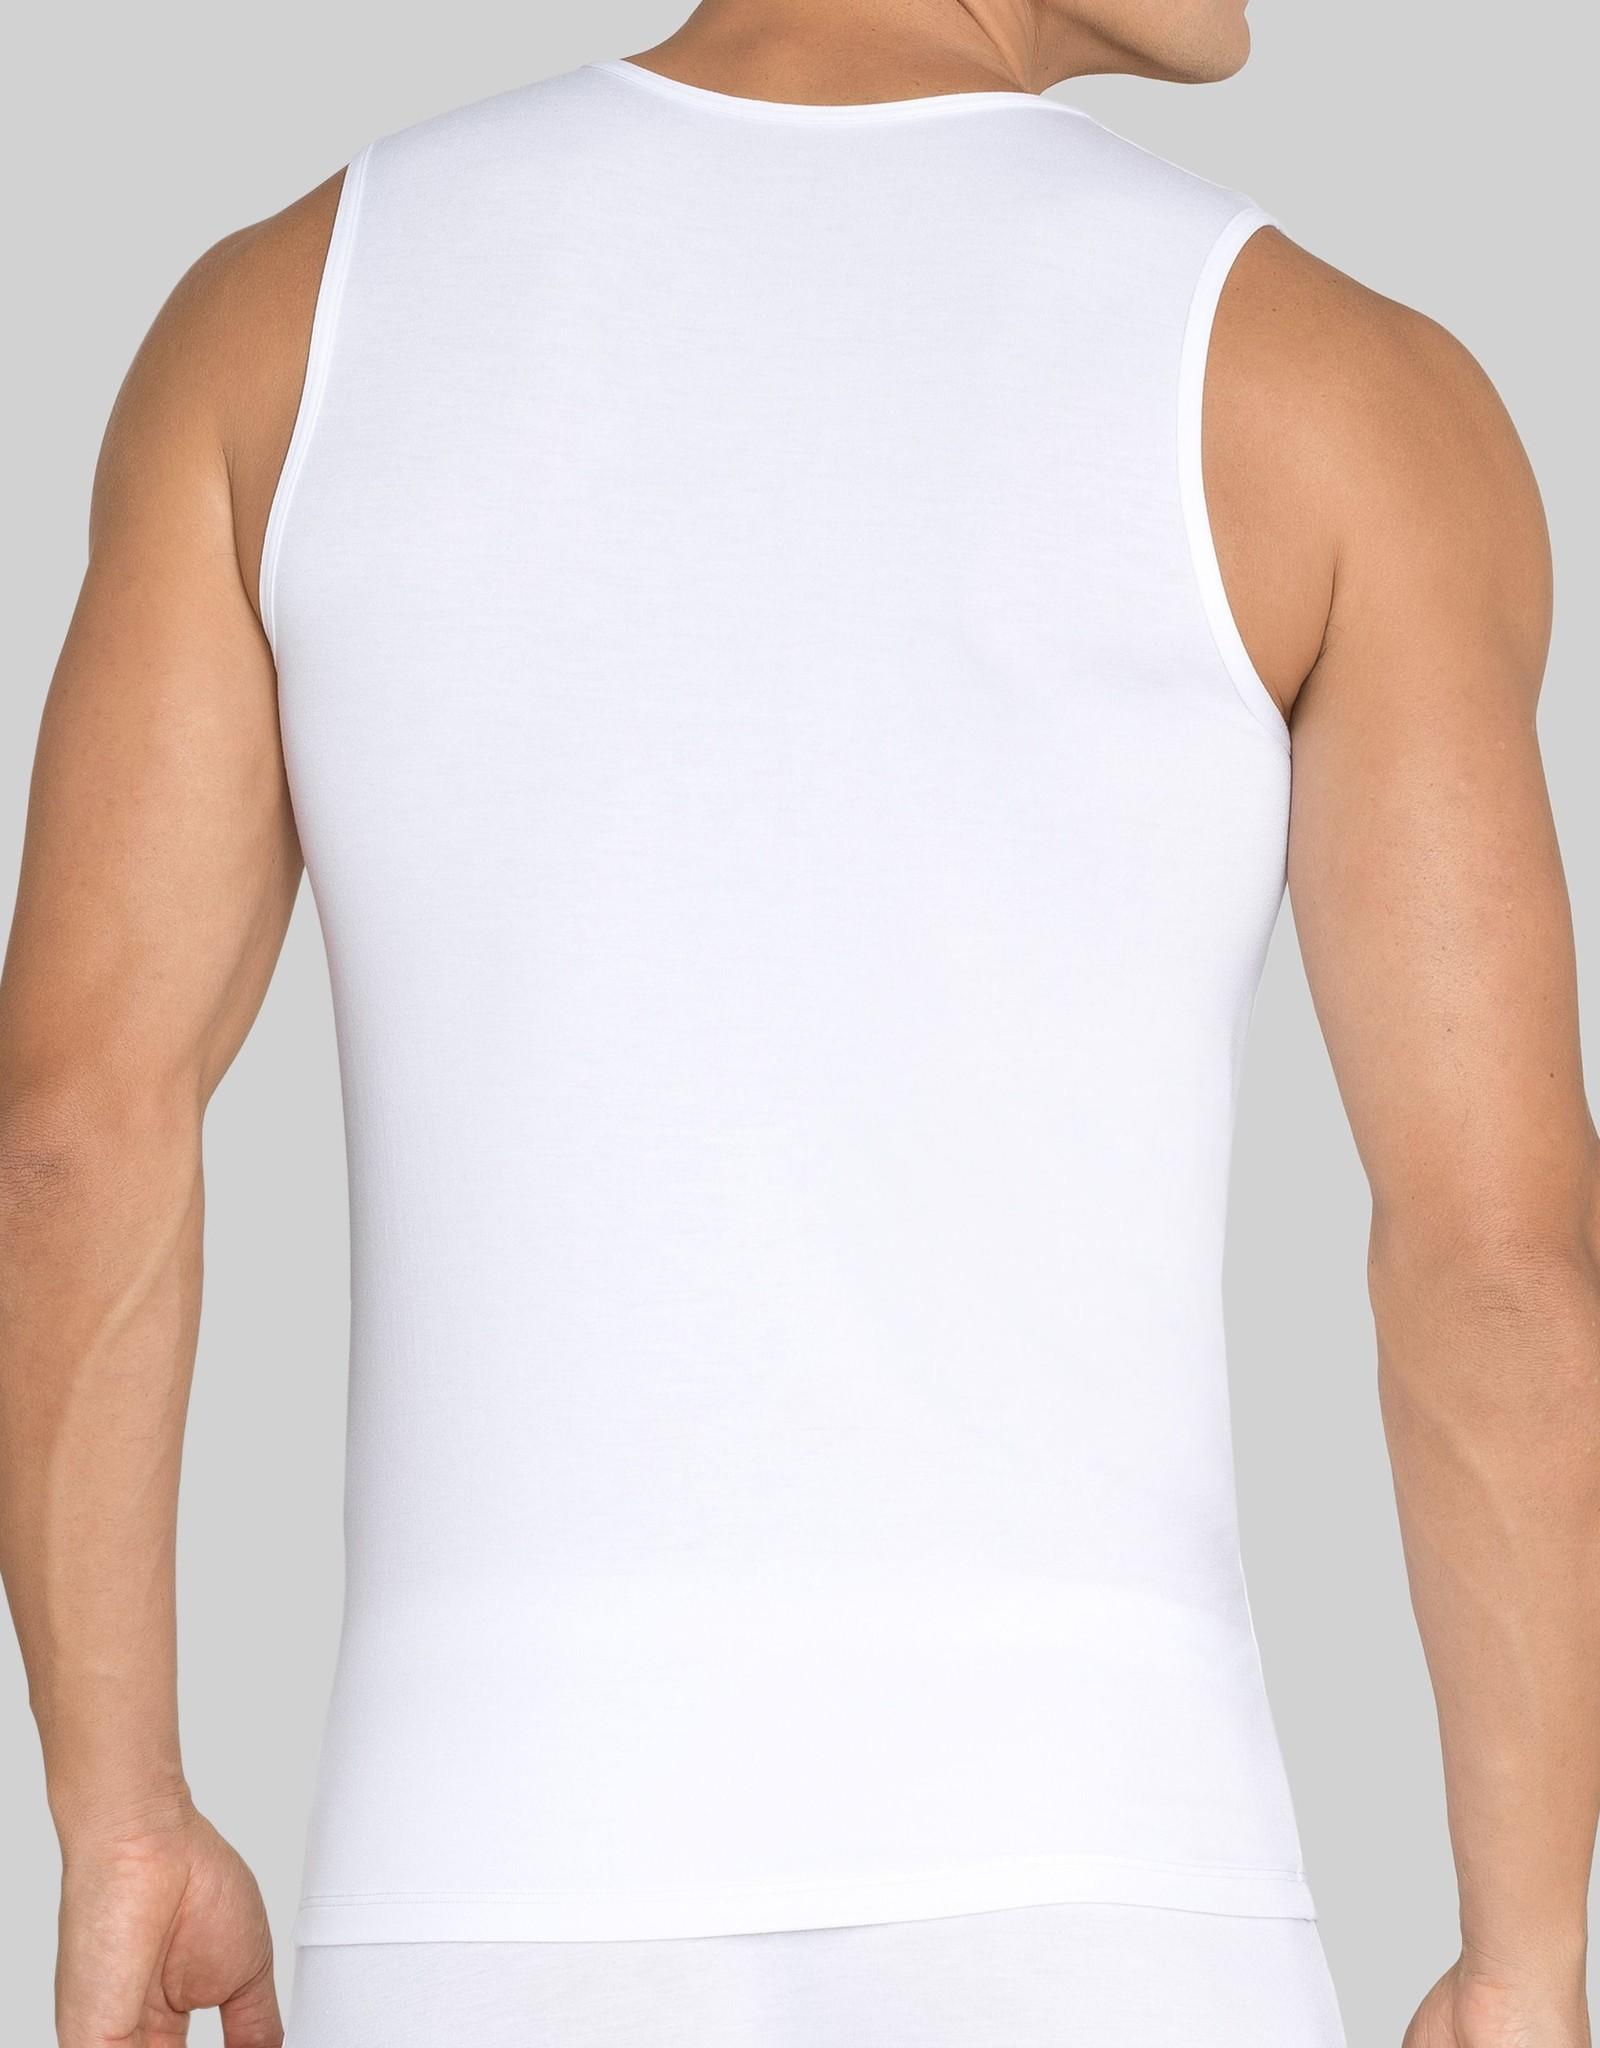 Sloggi Men Basic Soft Vest